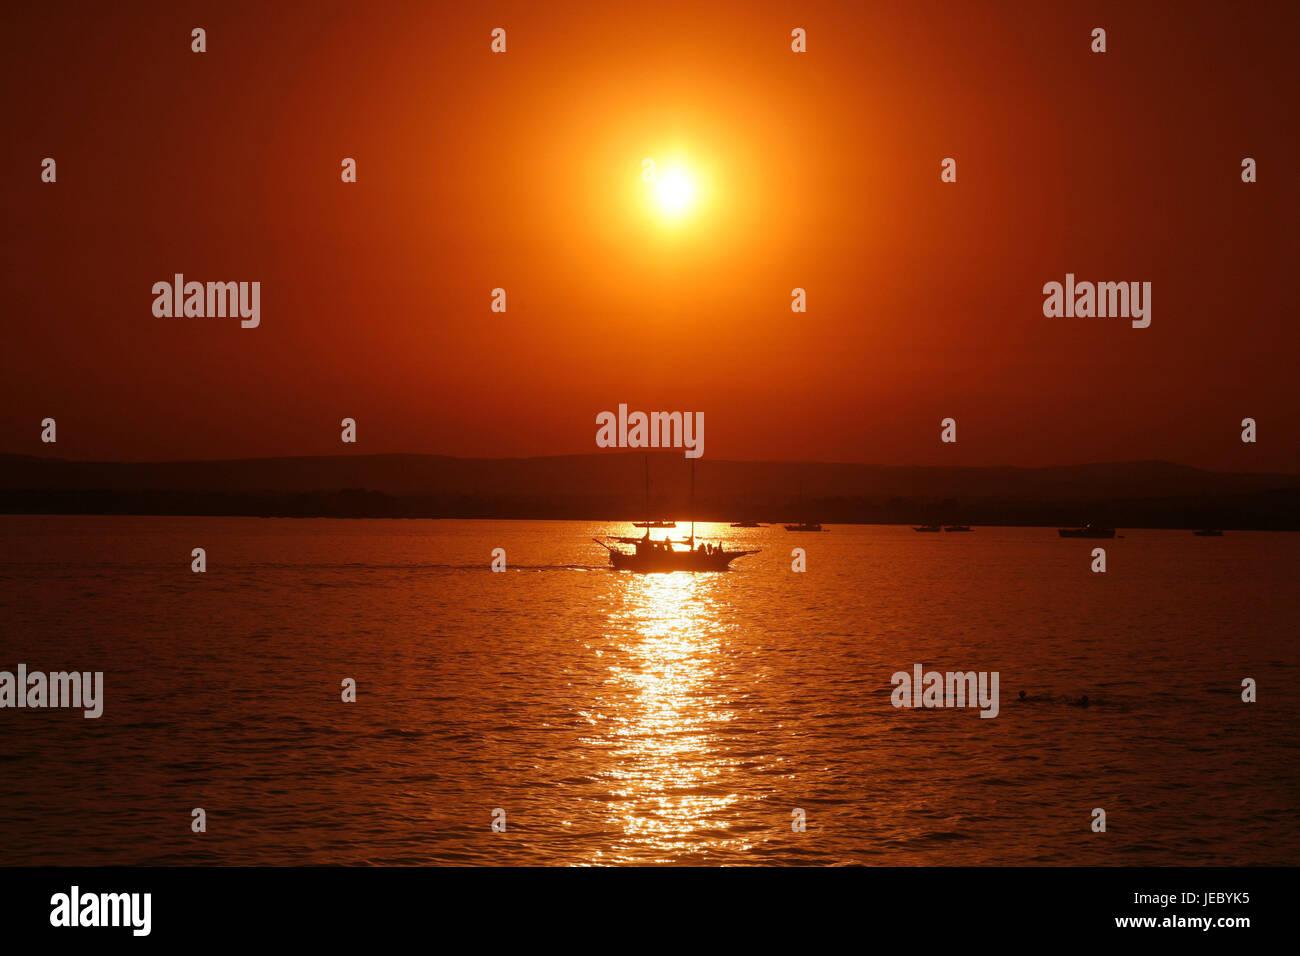 Italien, Sizilien, Insel Ortygia, Syrakus, Lungomare Alfeo, Meer, Boot, Sonnenuntergang, Südeuropa, Siracusa, Stockbild